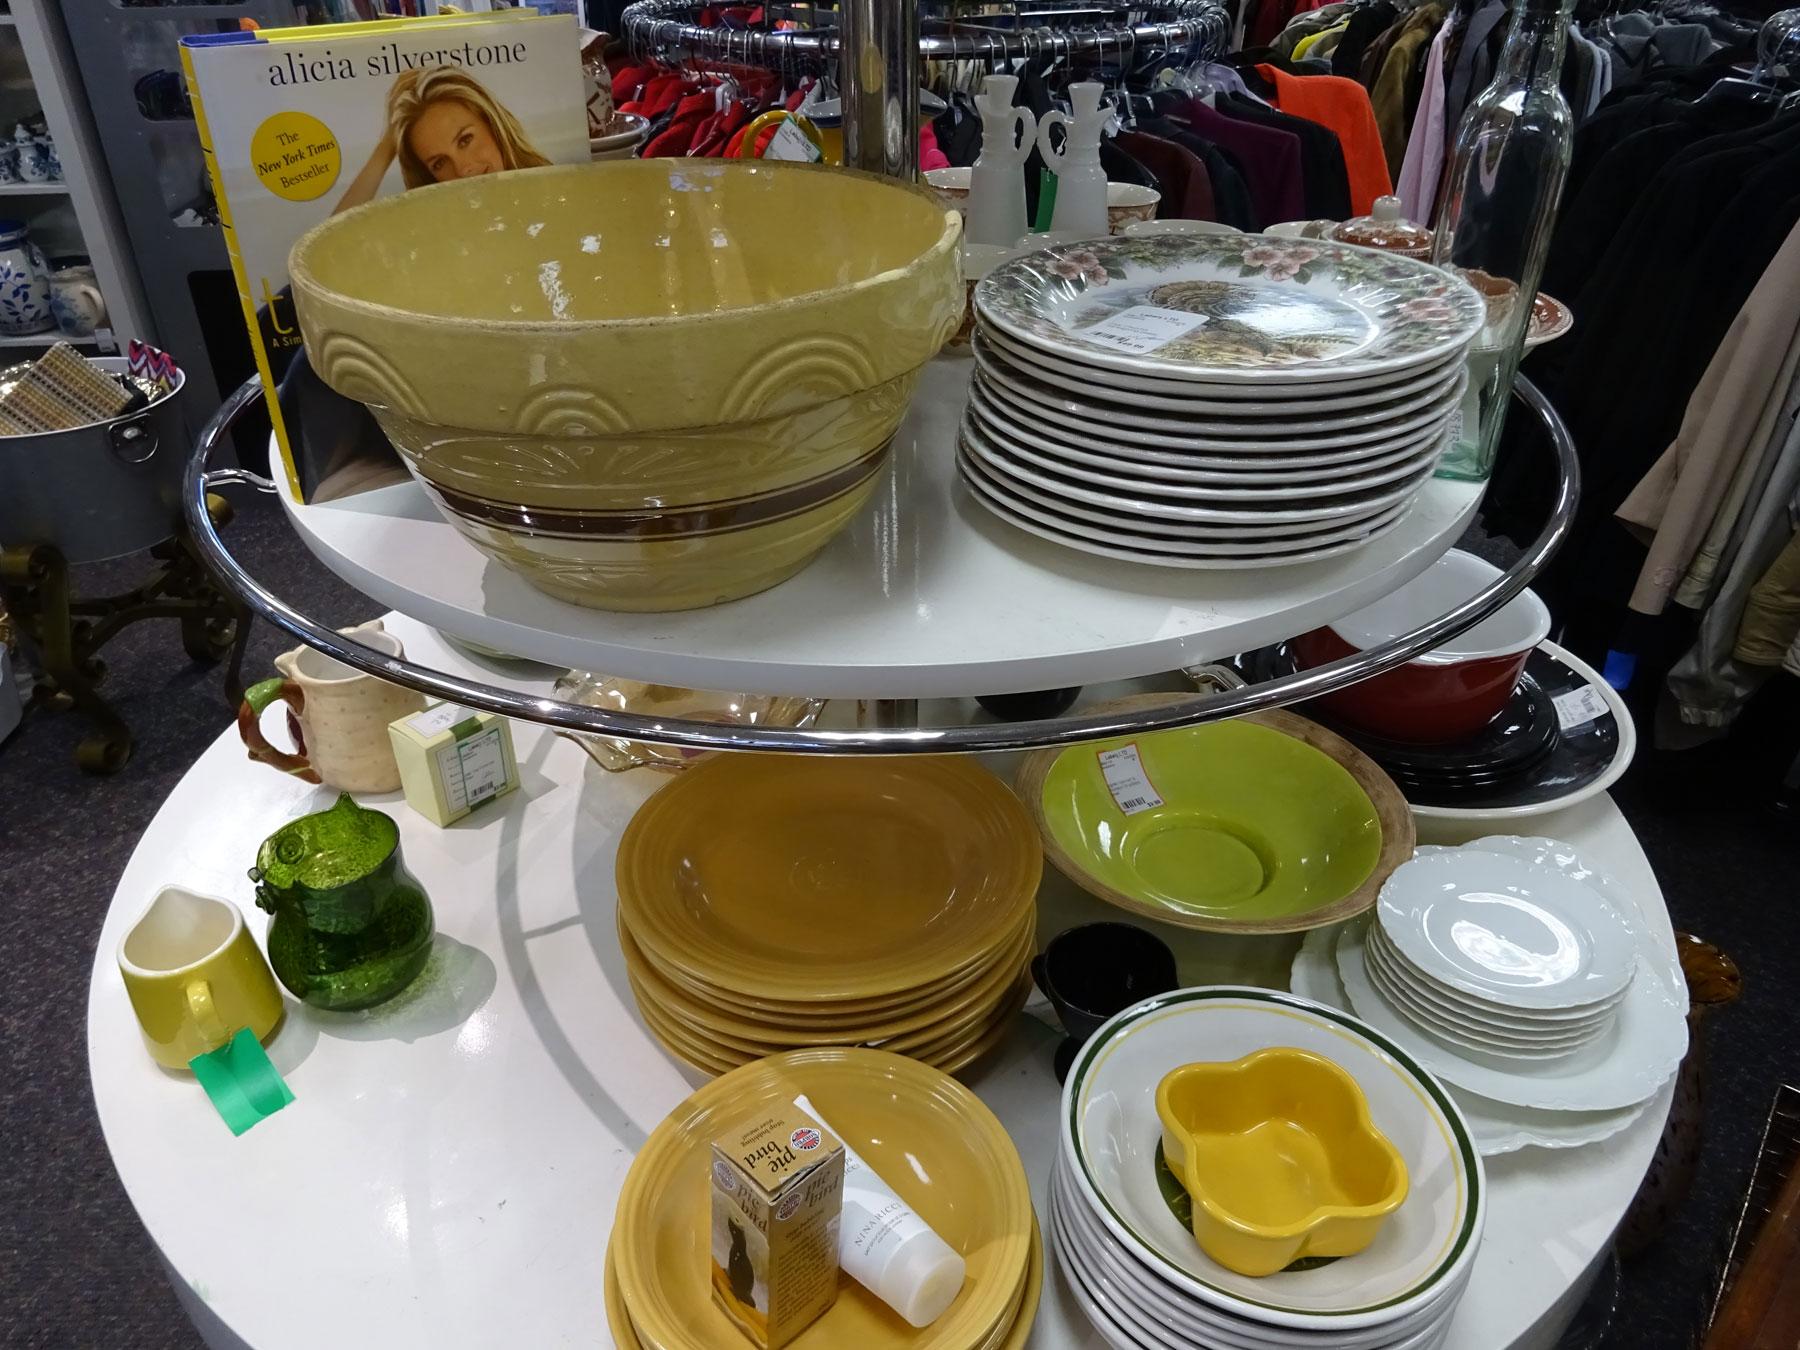 DSC00850-plates-bowls-1800x1350